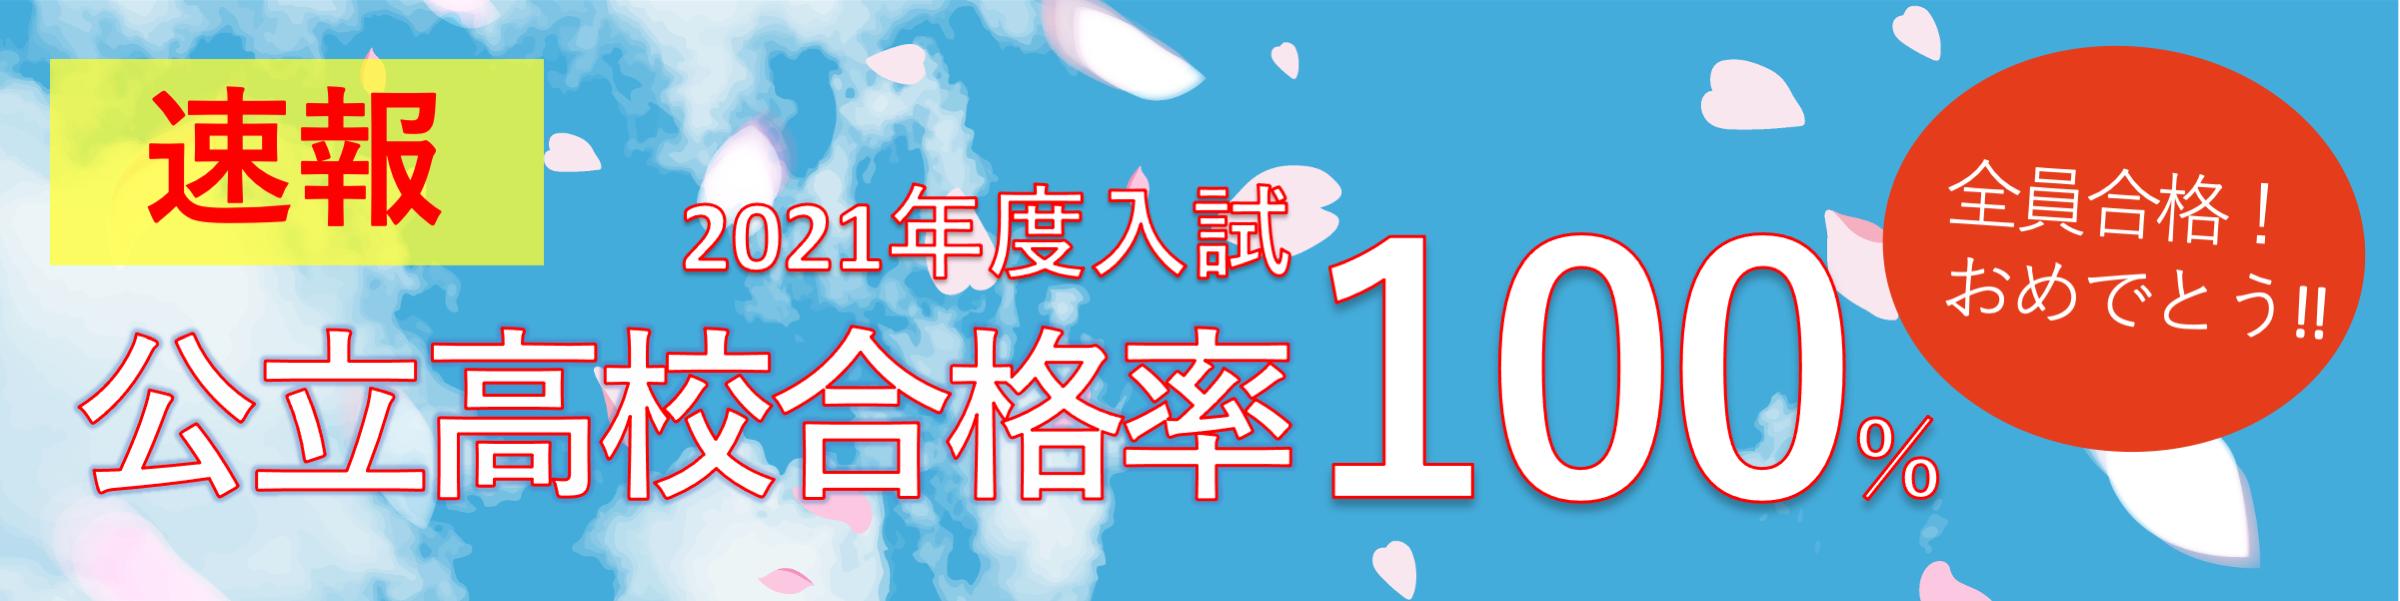 福岡県の公立高校の合格率が100%でした